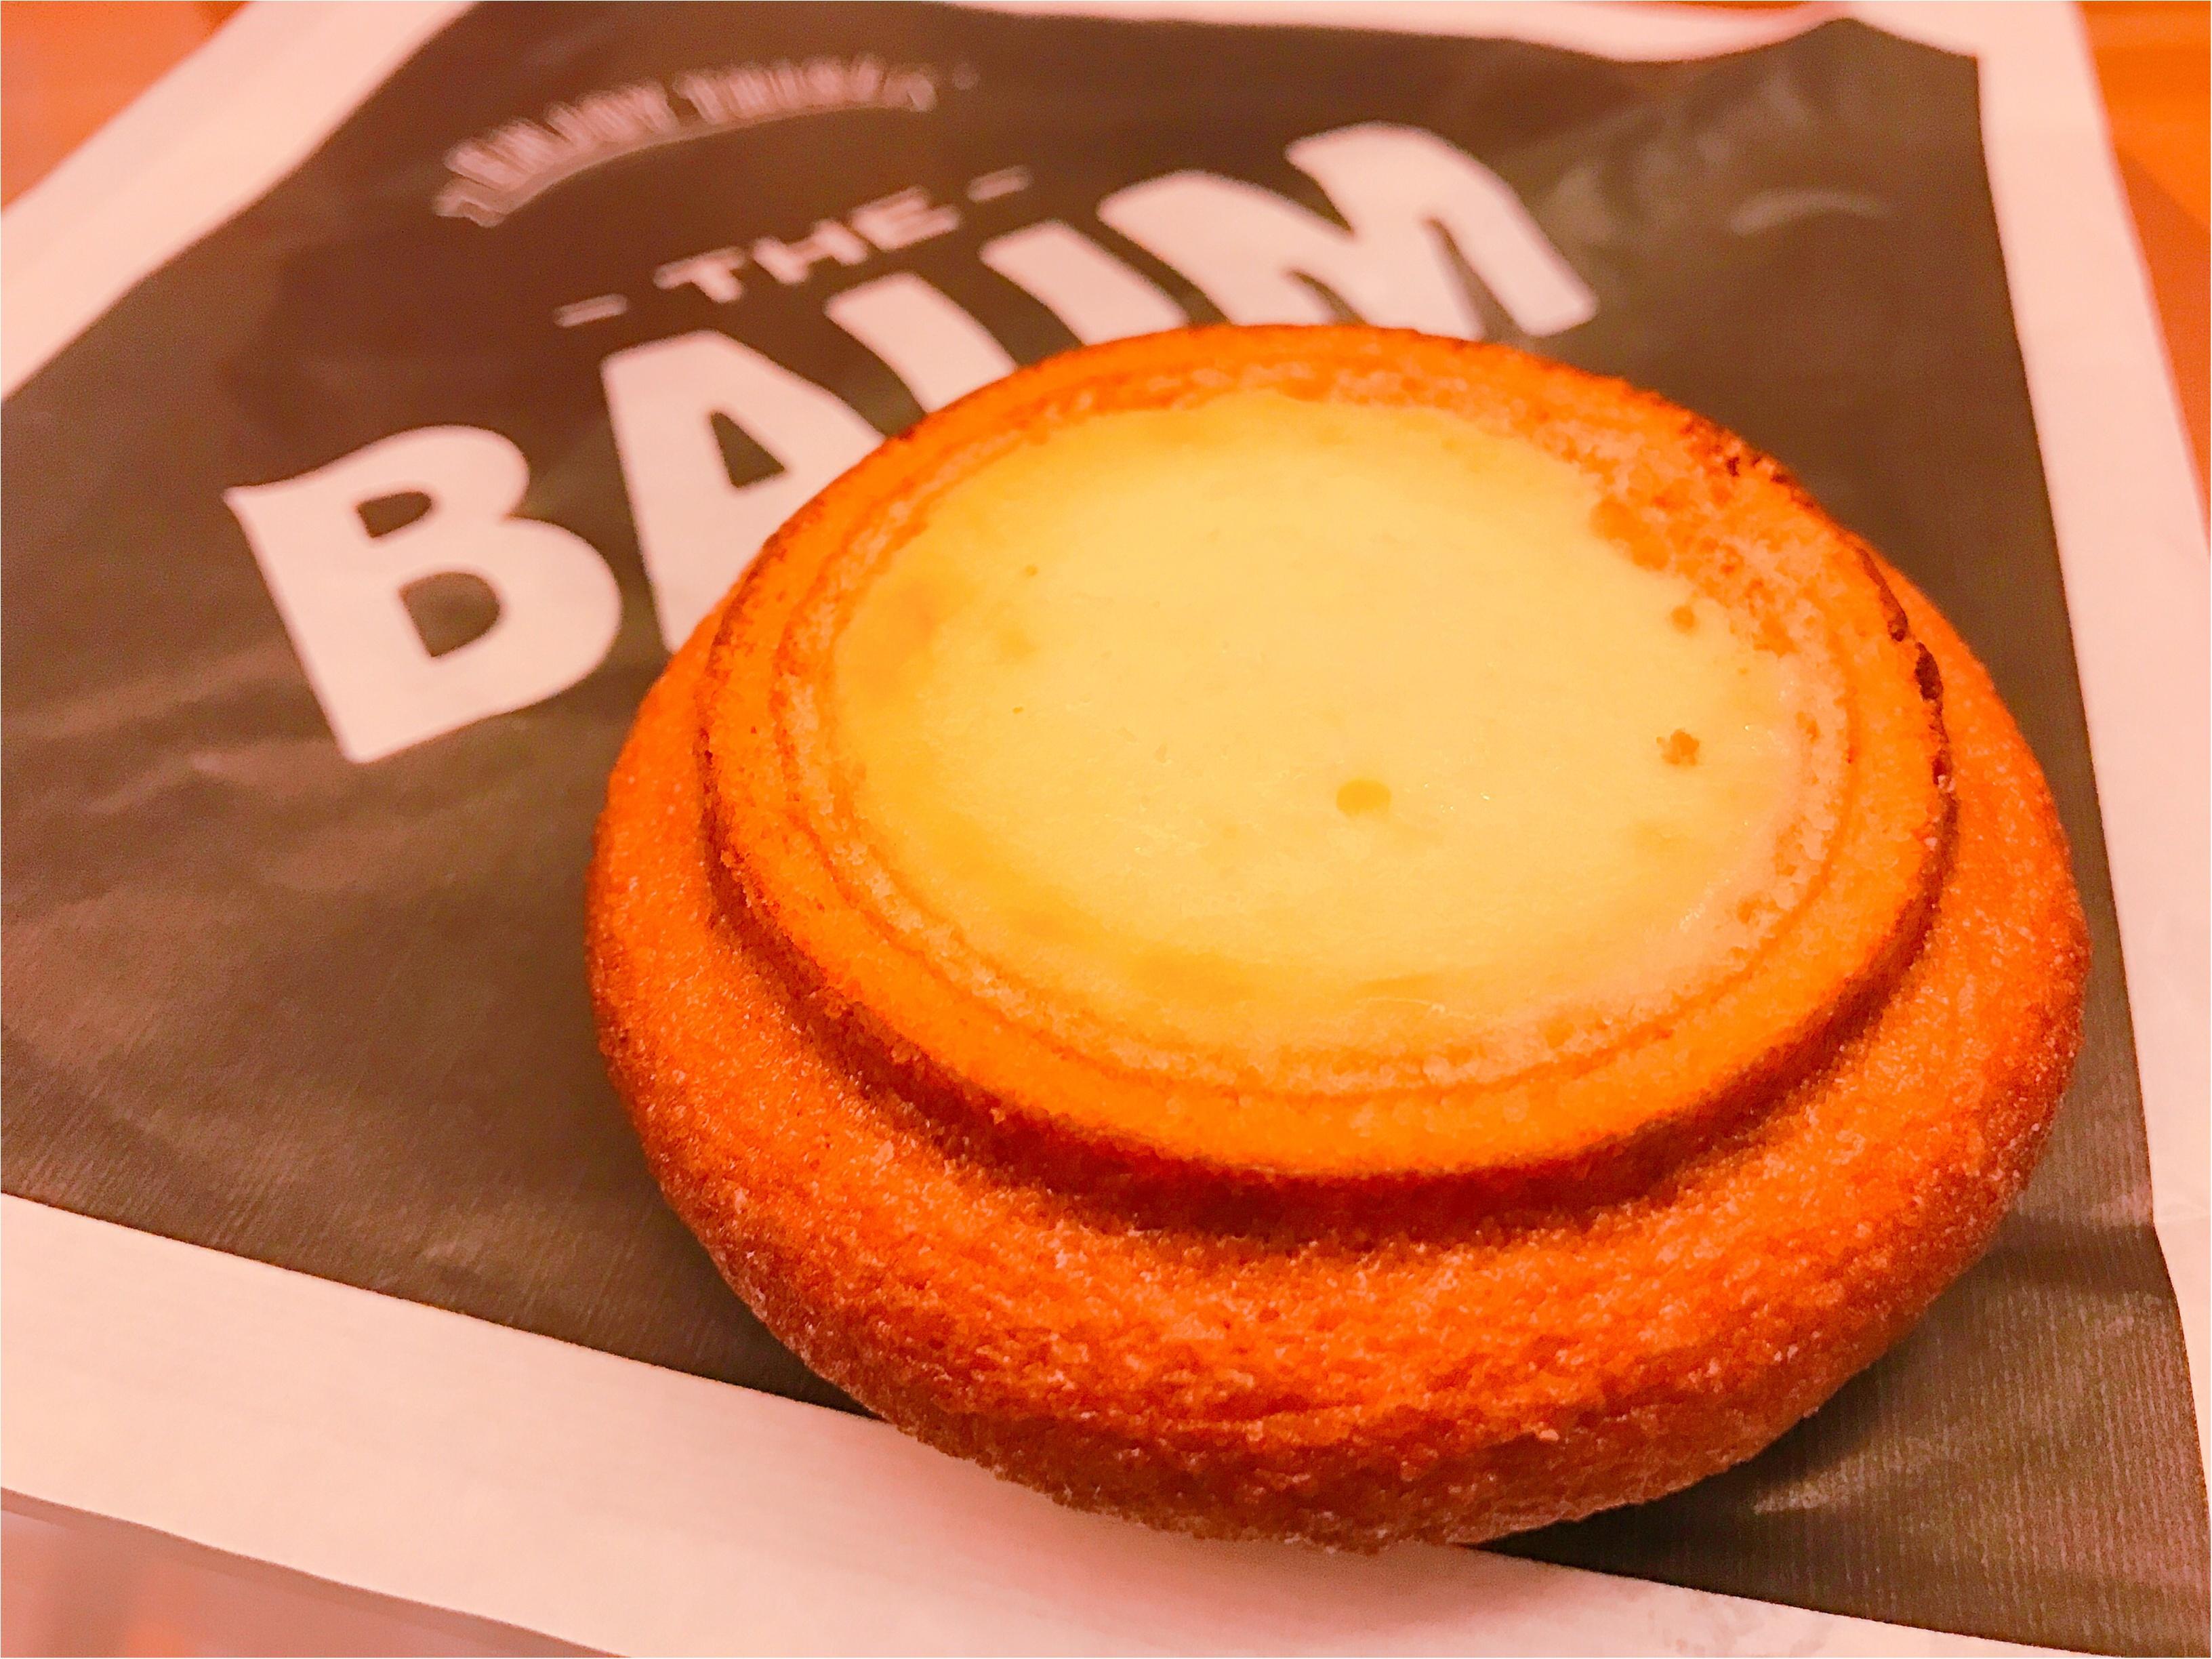 楽しみ方は3通り♪新感覚ハイブリッドスイーツ【THE BAUM】の《チーズ イン ザ バウム》が美味い♡_3